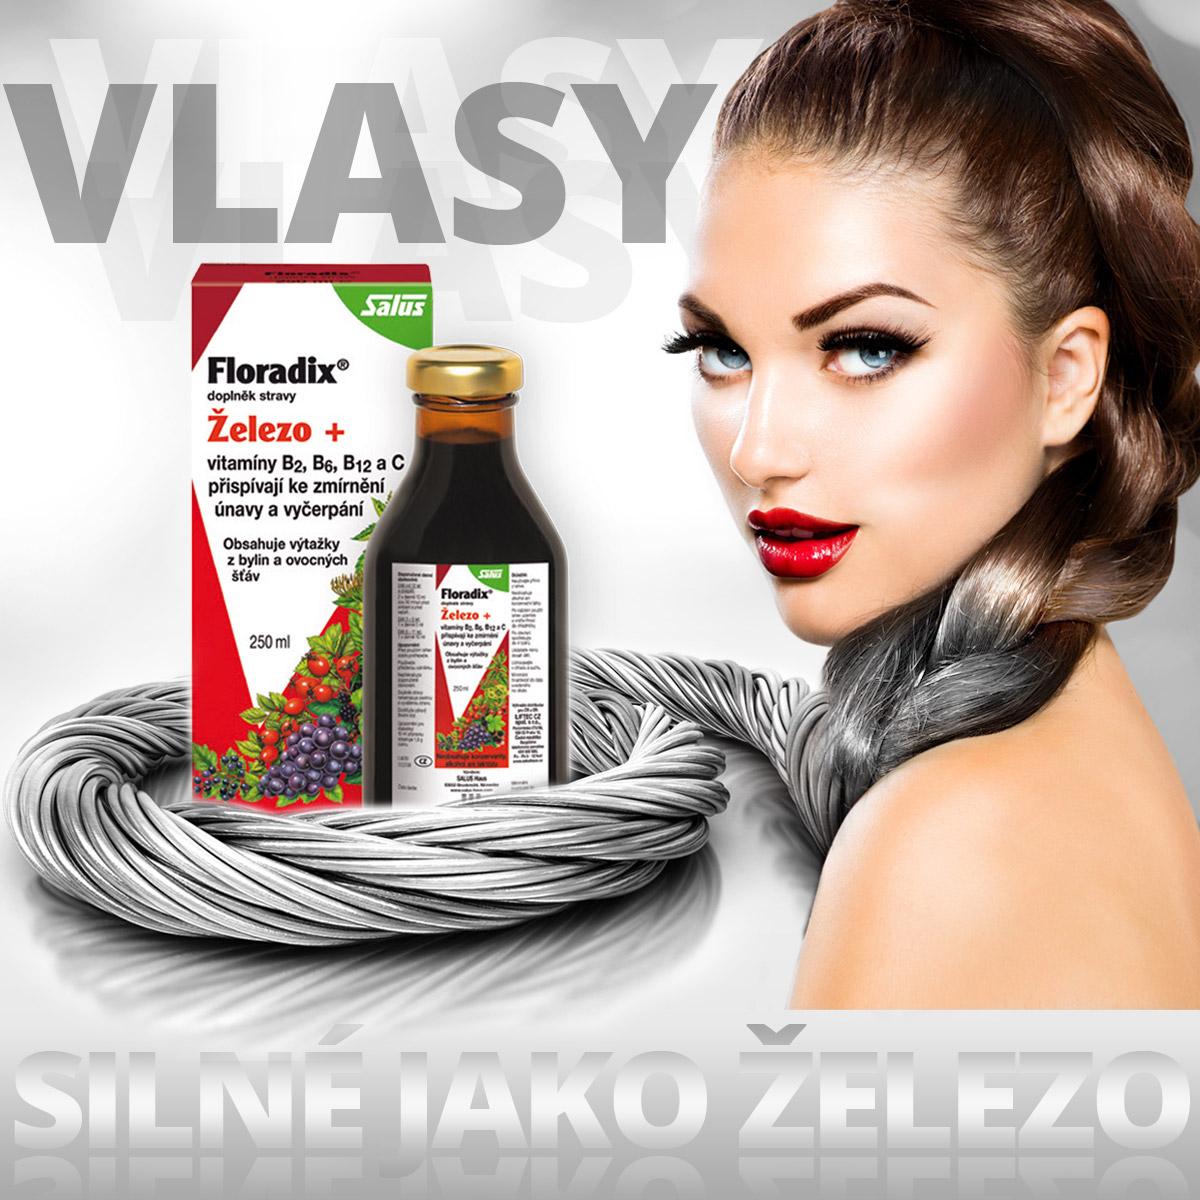 Nedostatek železa bývá častou příčinou padání vlasů u žen. Pomůže vám tekuté železo v dobře vstřebatelné formě –Floradix.